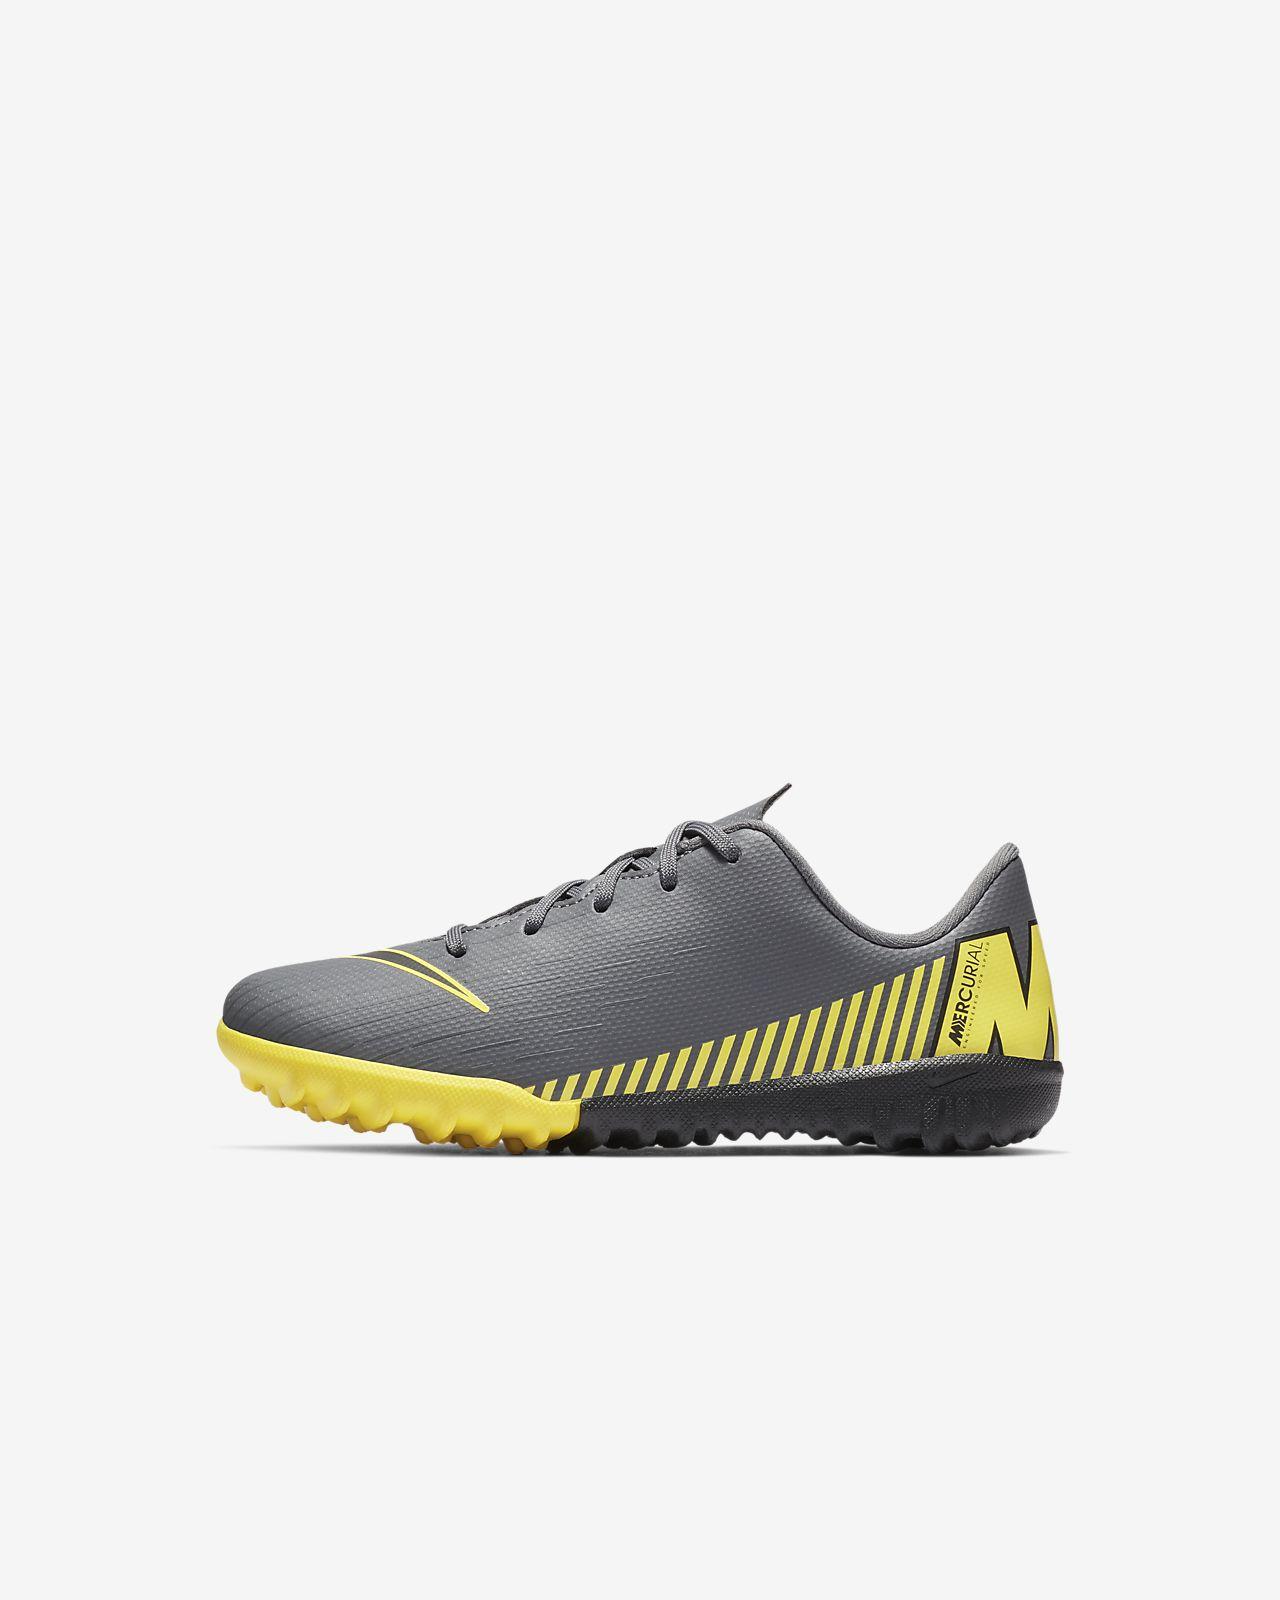 ... Nike Jr. MercurialX Vapor 12 Academy TF Botas de fútbol para moqueta -  Turf - 0ff11ac6349f0